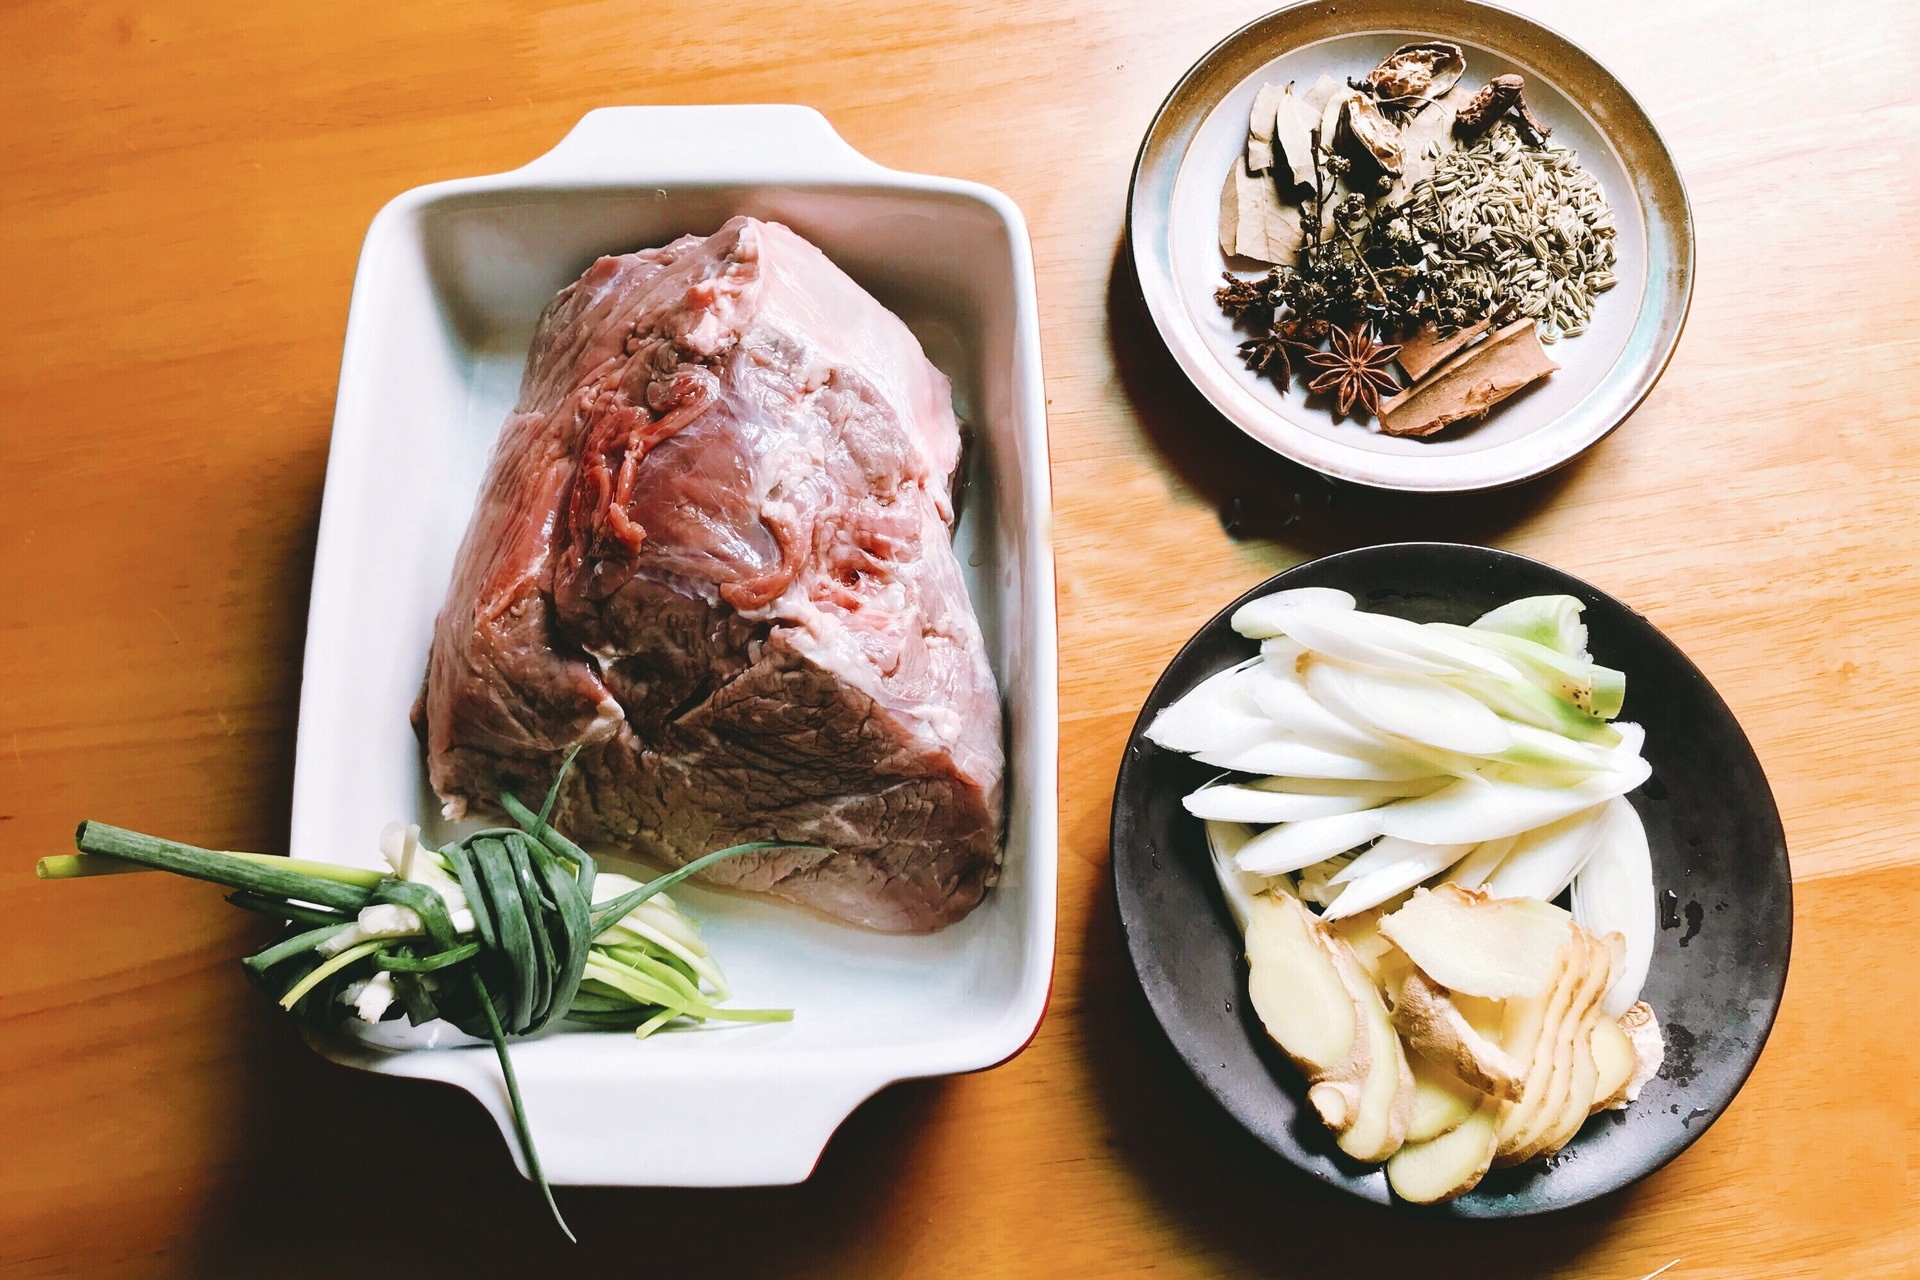 Cách làm thịt bò khô dai ngon đúng điệu chẳng cần lò nướng, tha hồ nhâm nhi ngày mưa  - Ảnh 2